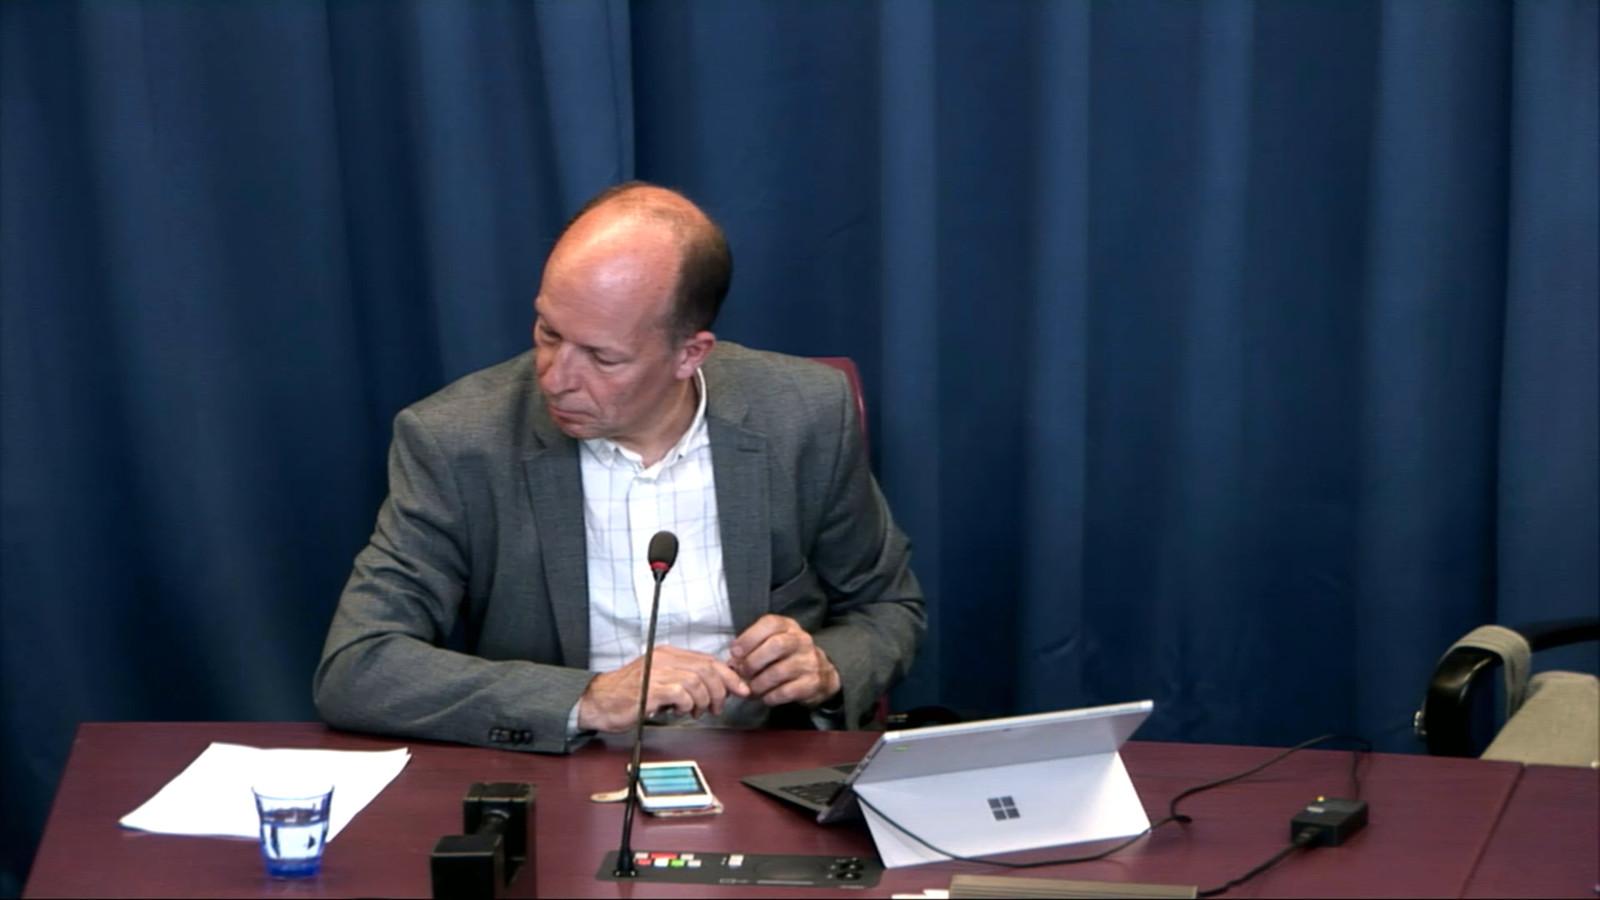 De Eindhovense gemeenteraadsvoorzitter Marco van Dorst leidt het digitale vragenuurtje over de coronacrisis vanuit de raadszaal.